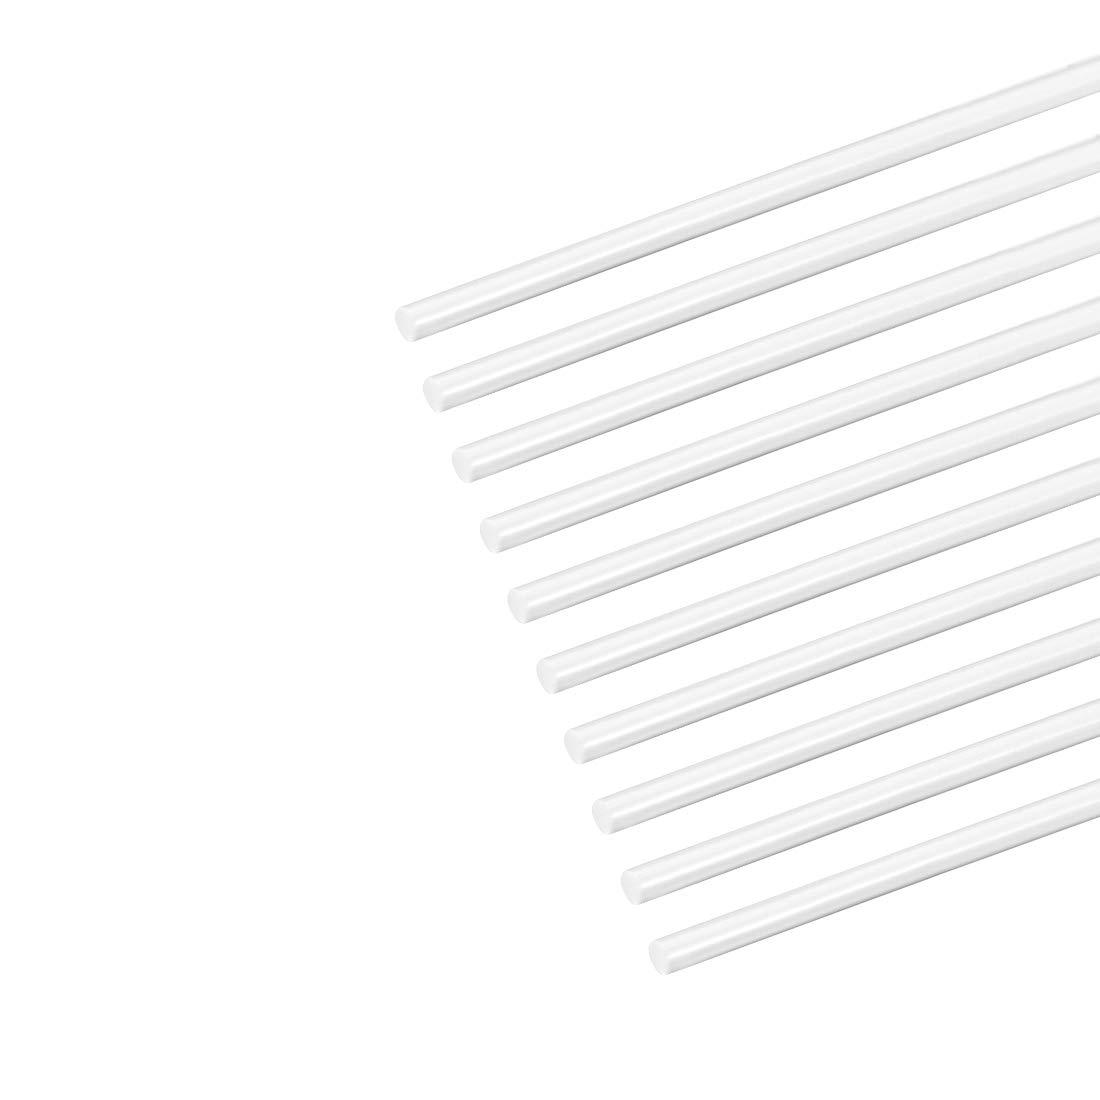 Rund Stab Stange f/ür Architekturmodellbau DIY ABS Kunststoff 1mm/×20 Wei/ß sourcing map 4 Stk